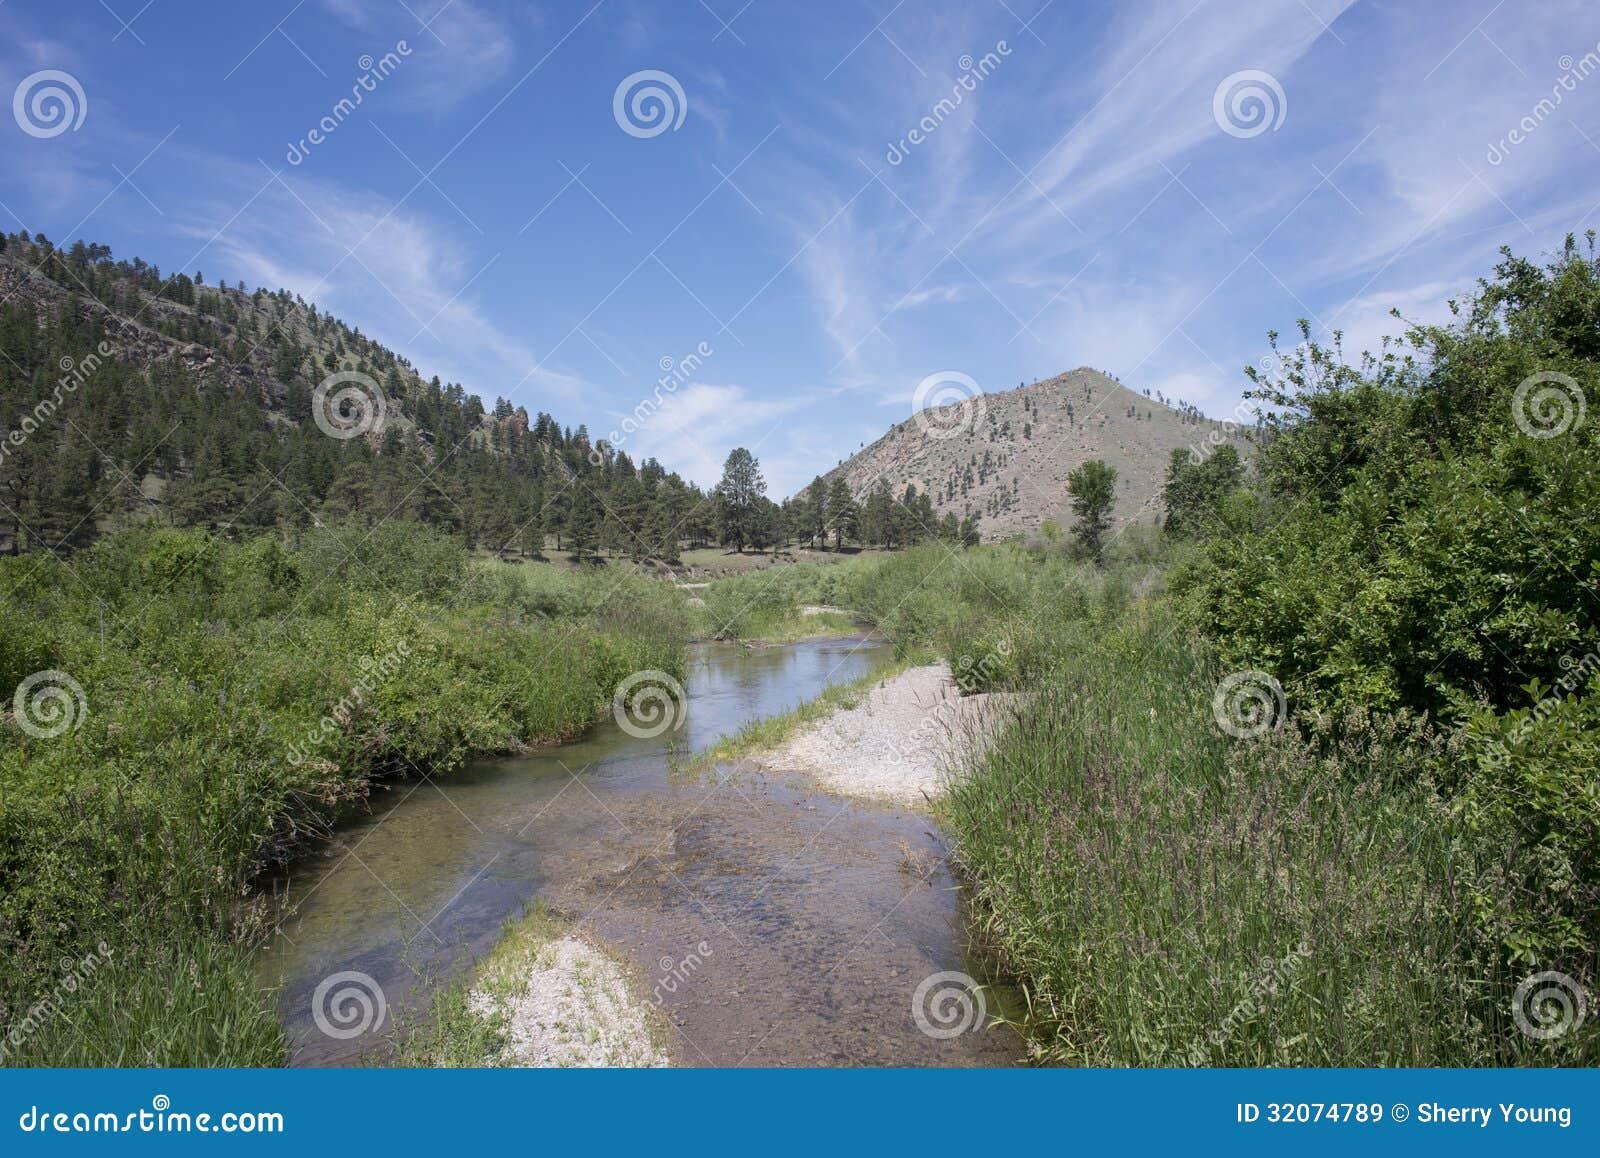 Beaver creek nudist kamas — pic 11